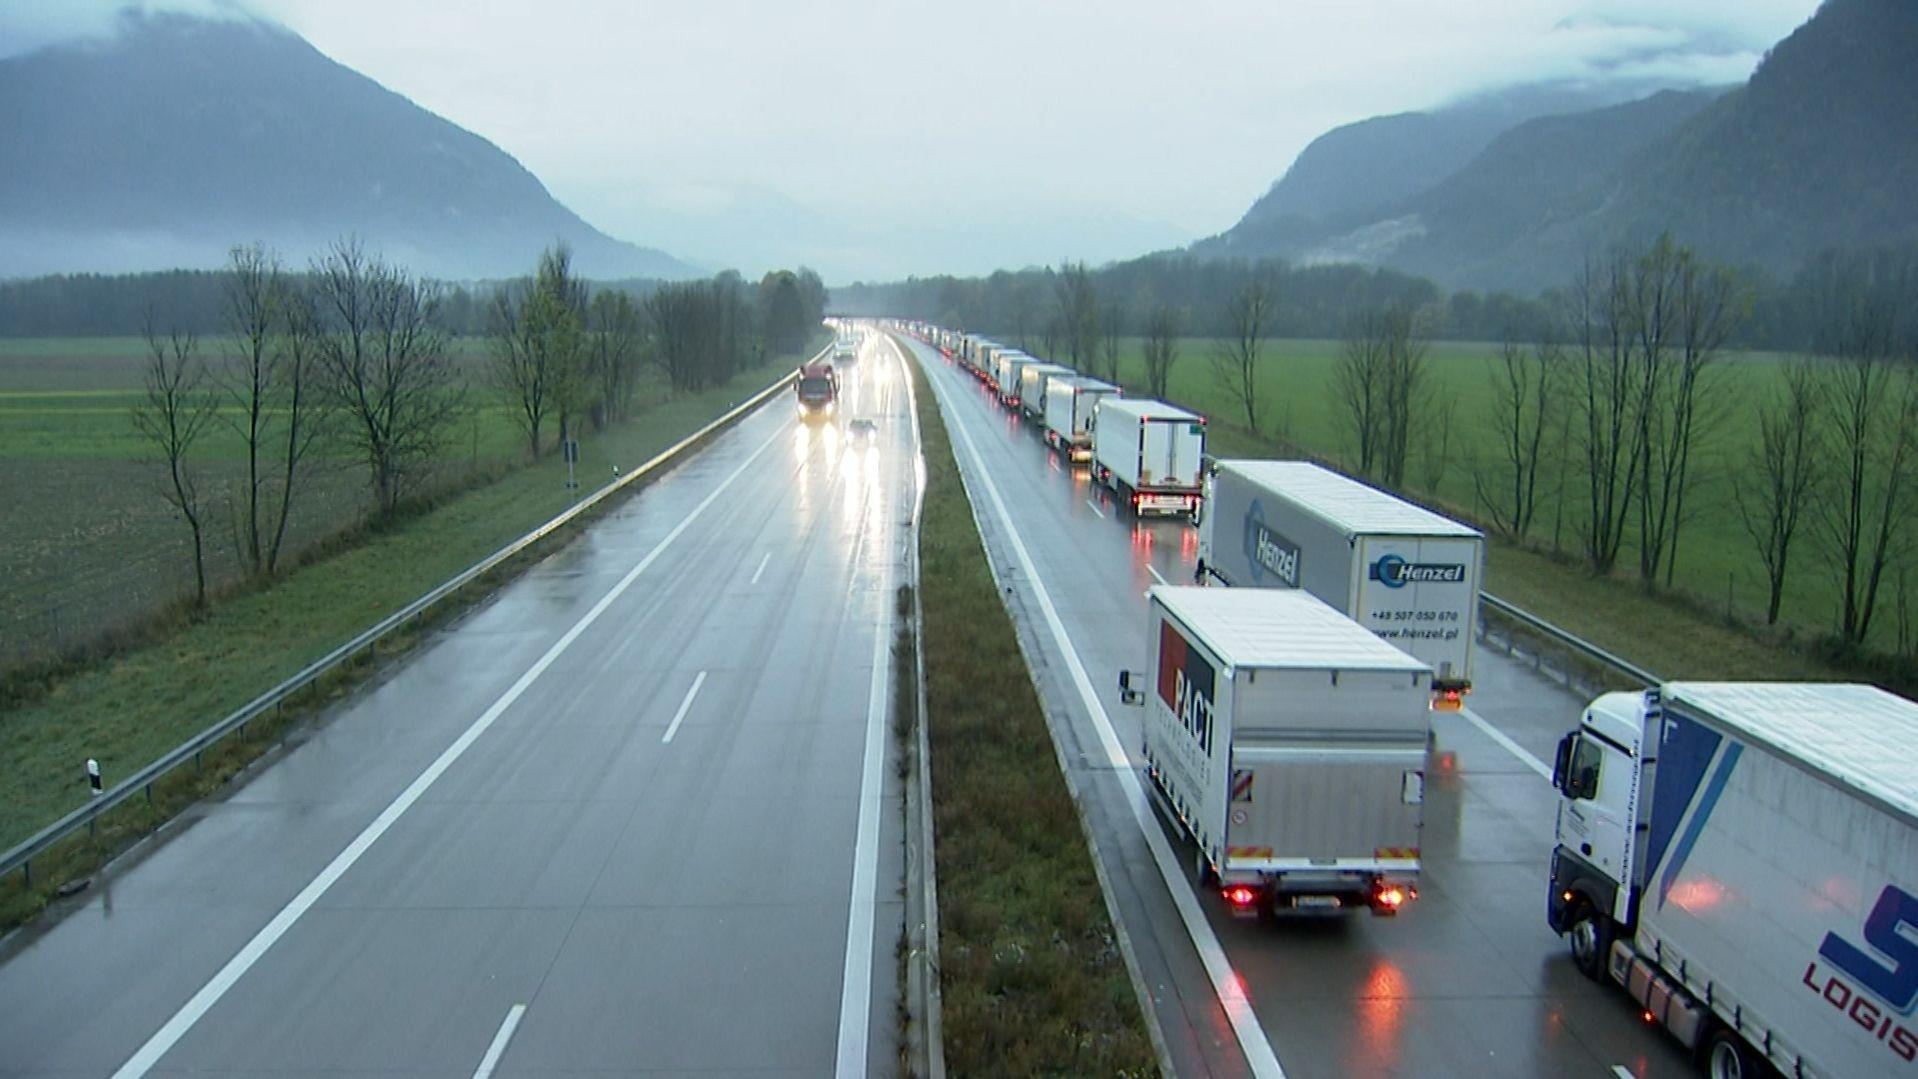 Tirol läutet neue Woche mit Lkw-Blockabfertigung ein